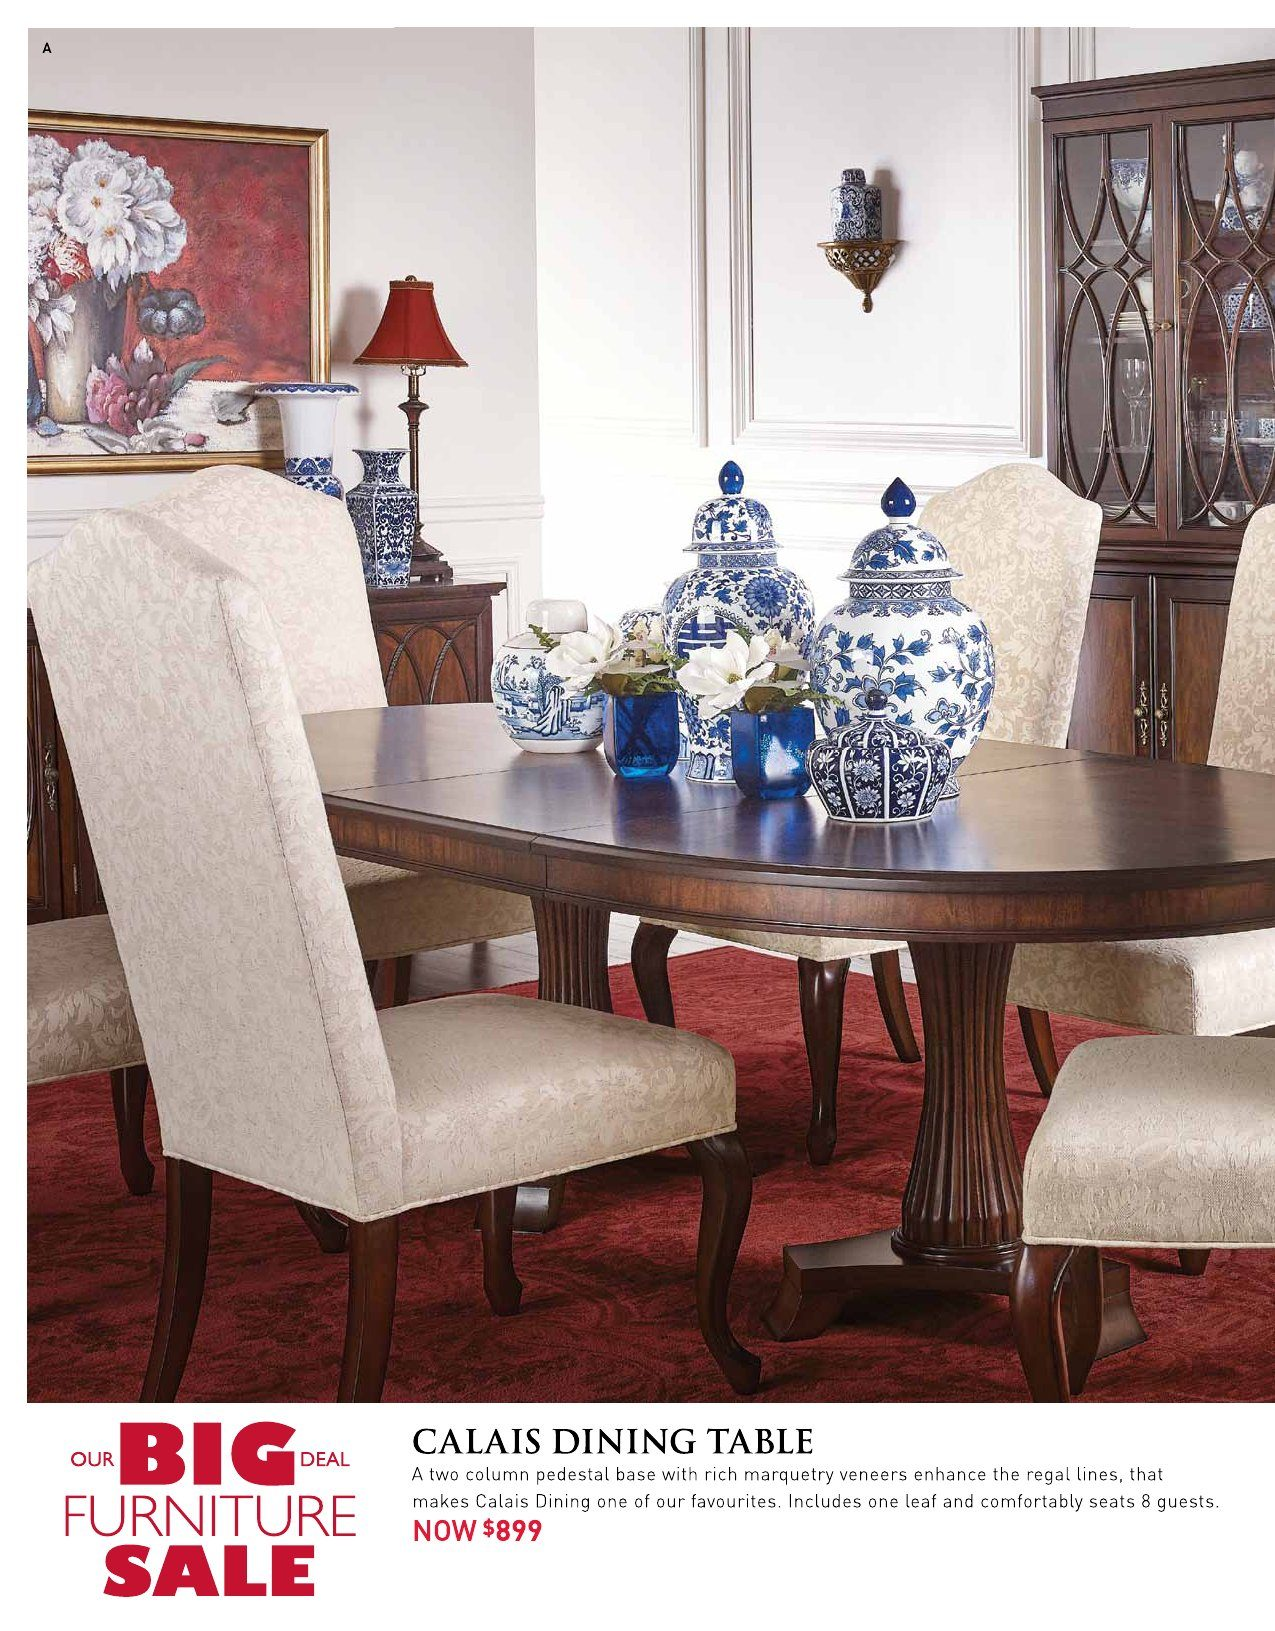 Elegant Bombay Weekly Flyer   Our Big Deal Furniture Sale   Jul 5 U2013 20    RedFlagDeals.com